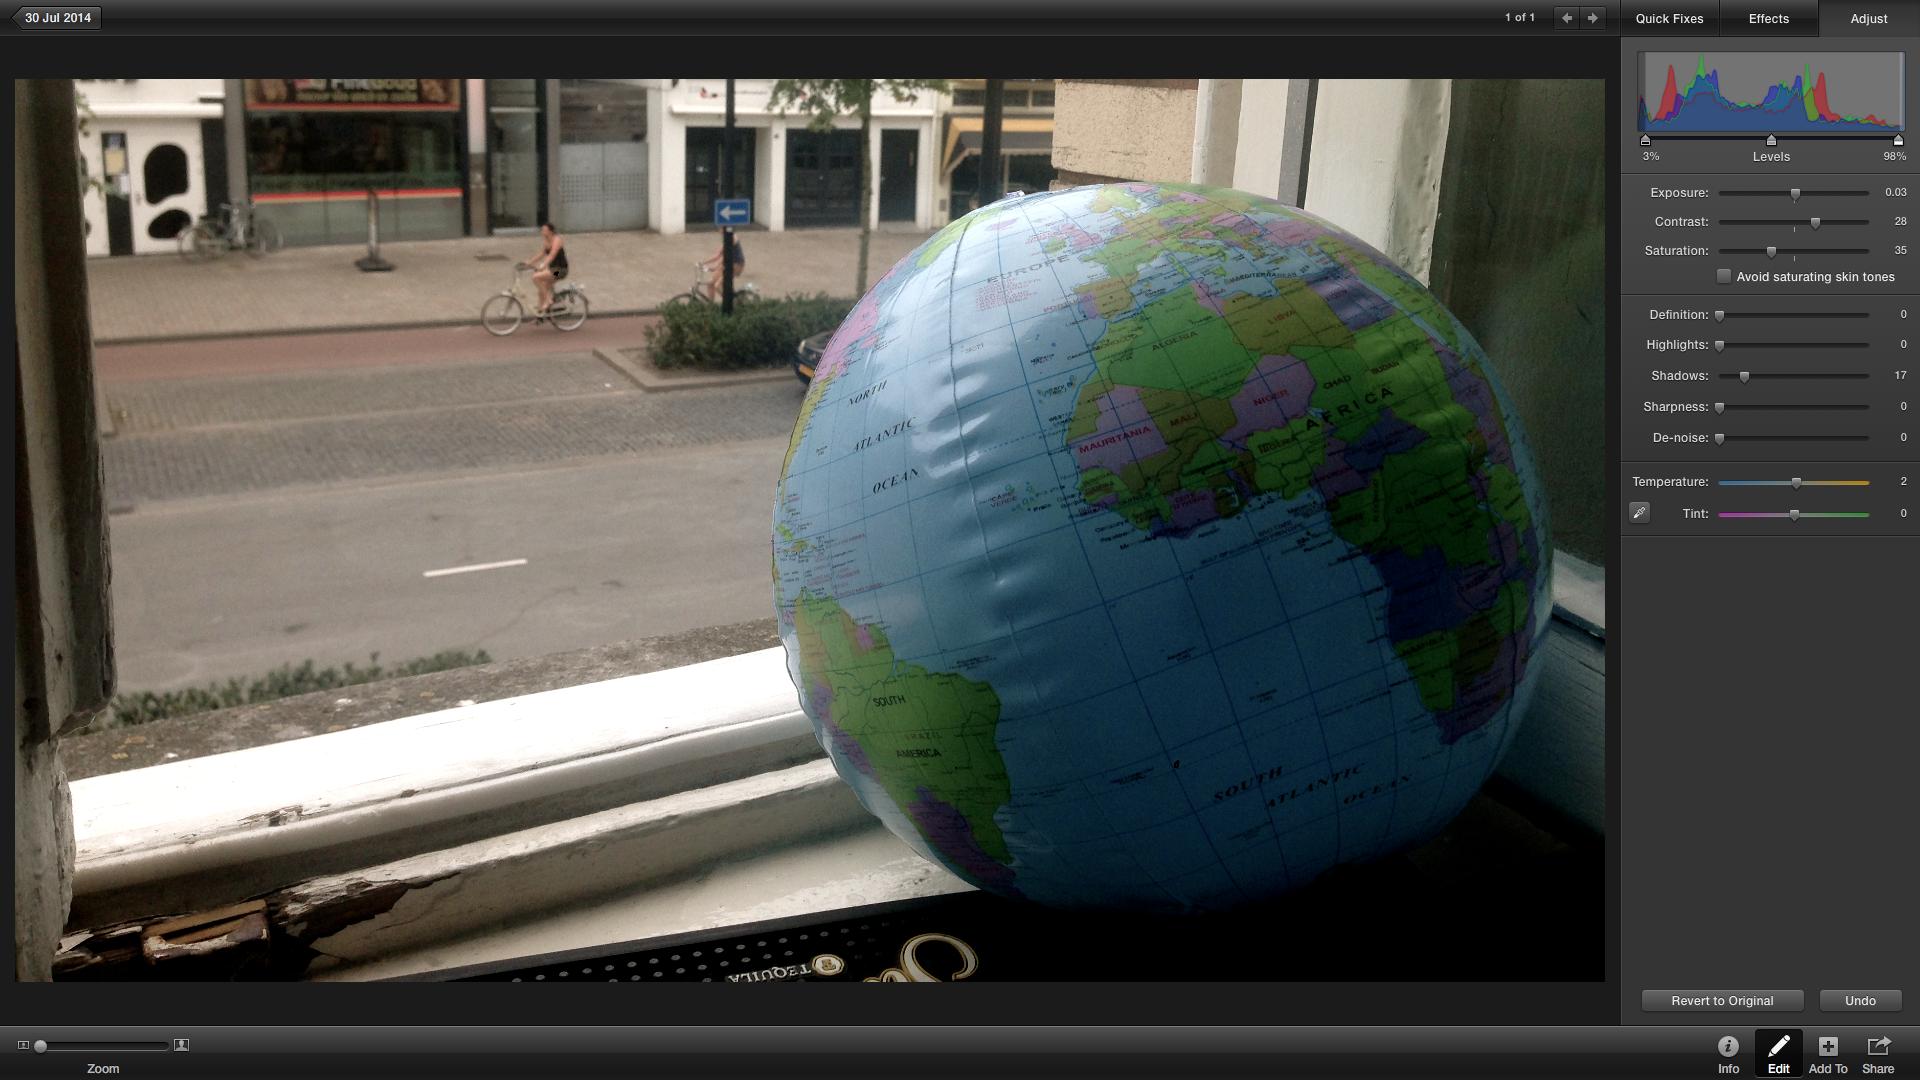 Screen Shot 2014-07-30 at 14.38.55